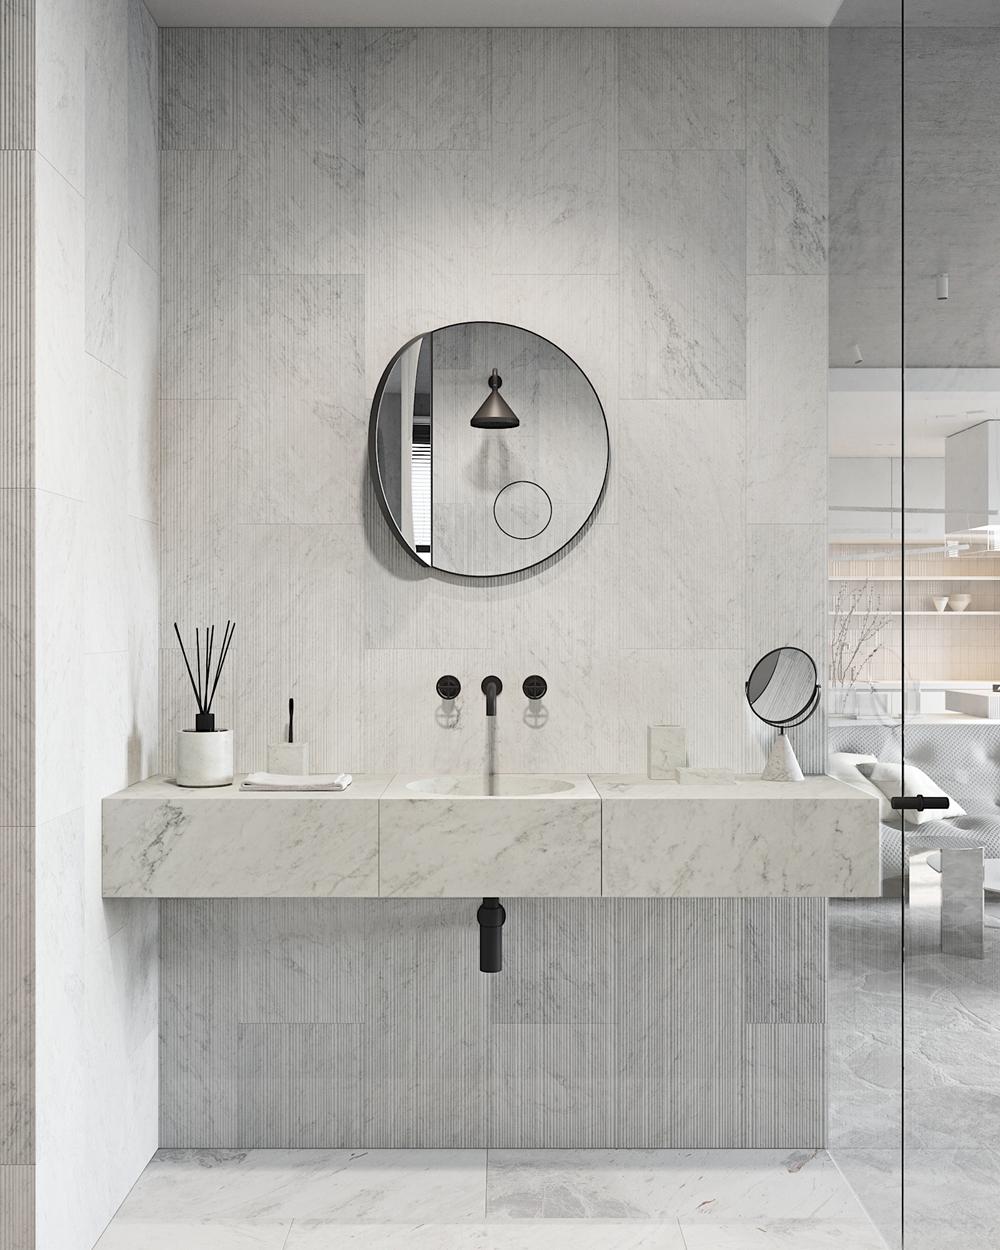 卫生间洗手池设计大胆而富有创意,同时洗手台与背景墙颜色形成呼应,整体性强烈。